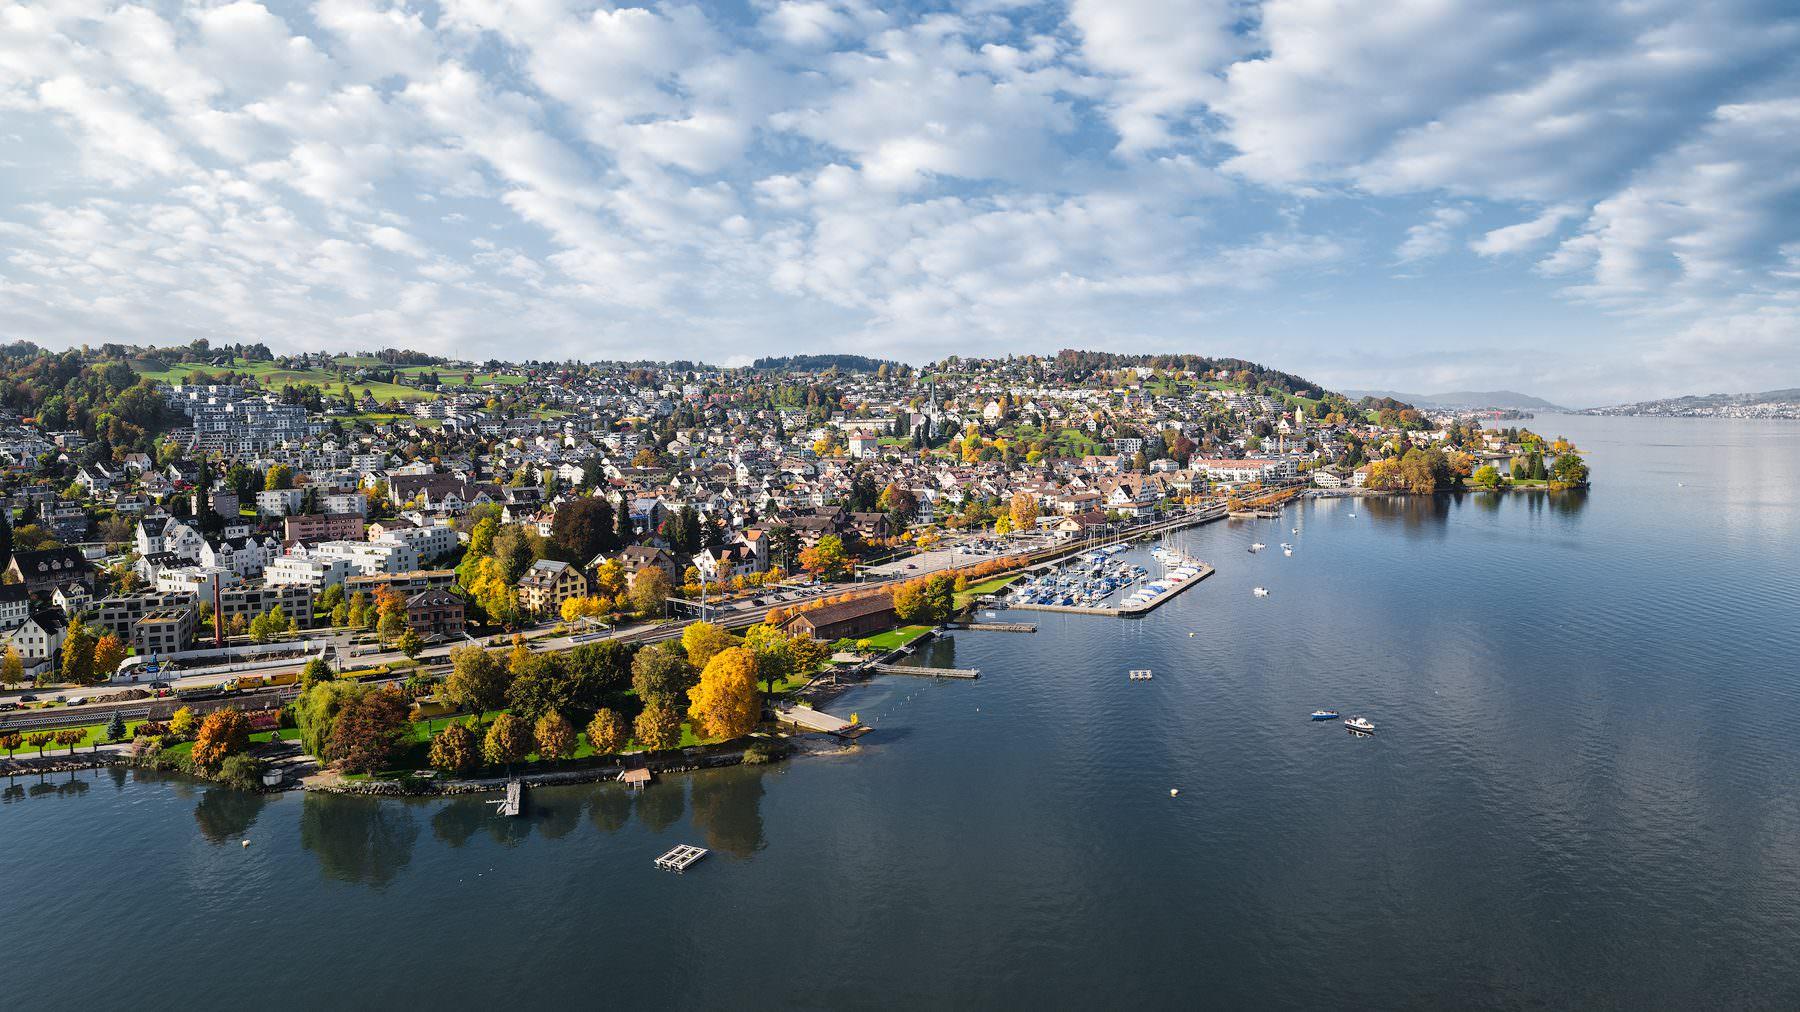 Herbstliche Luftaufnahme mit Drohne hoch über dem Zürichsee mit Blick auf Richterswil, Seebad, Hafen, Bahnhof, Horn, Uetliberg und Zürich © by Gerry Pacher © by Gerry Pacher